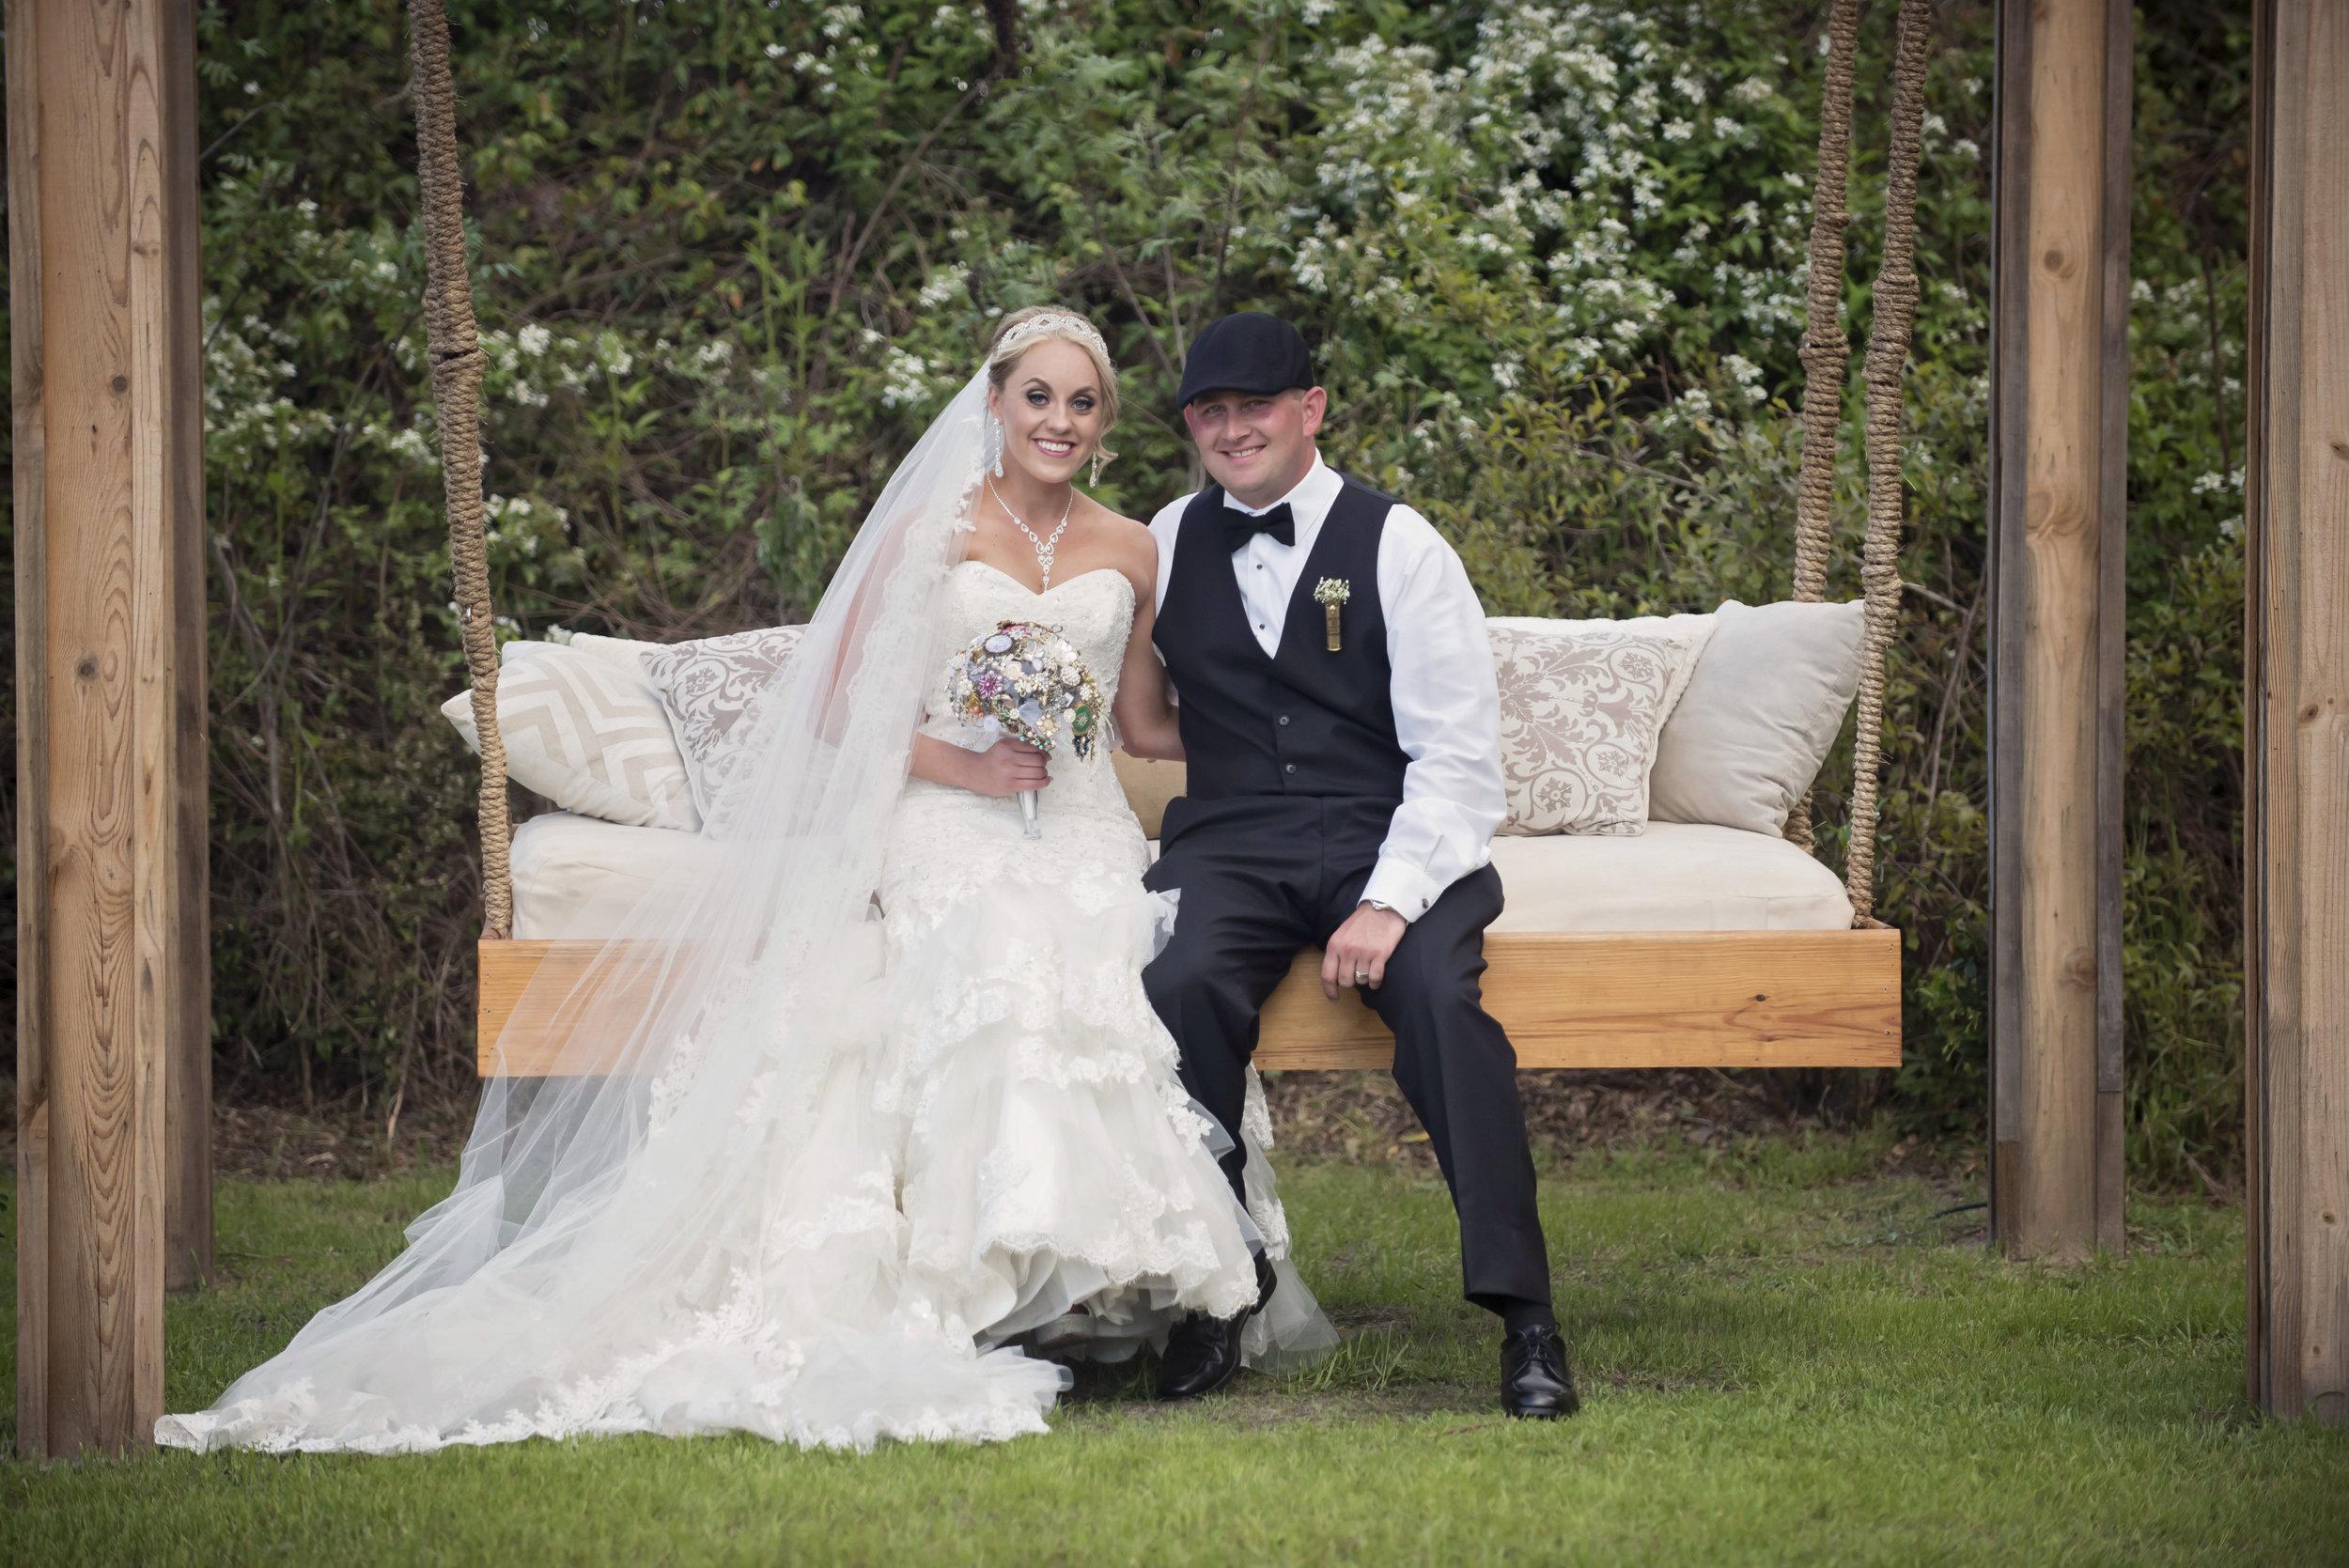 Brittany Petty Nicholas Brown 4 23 16 Wedding-Brittany Petty Nicholas -0002.jpg